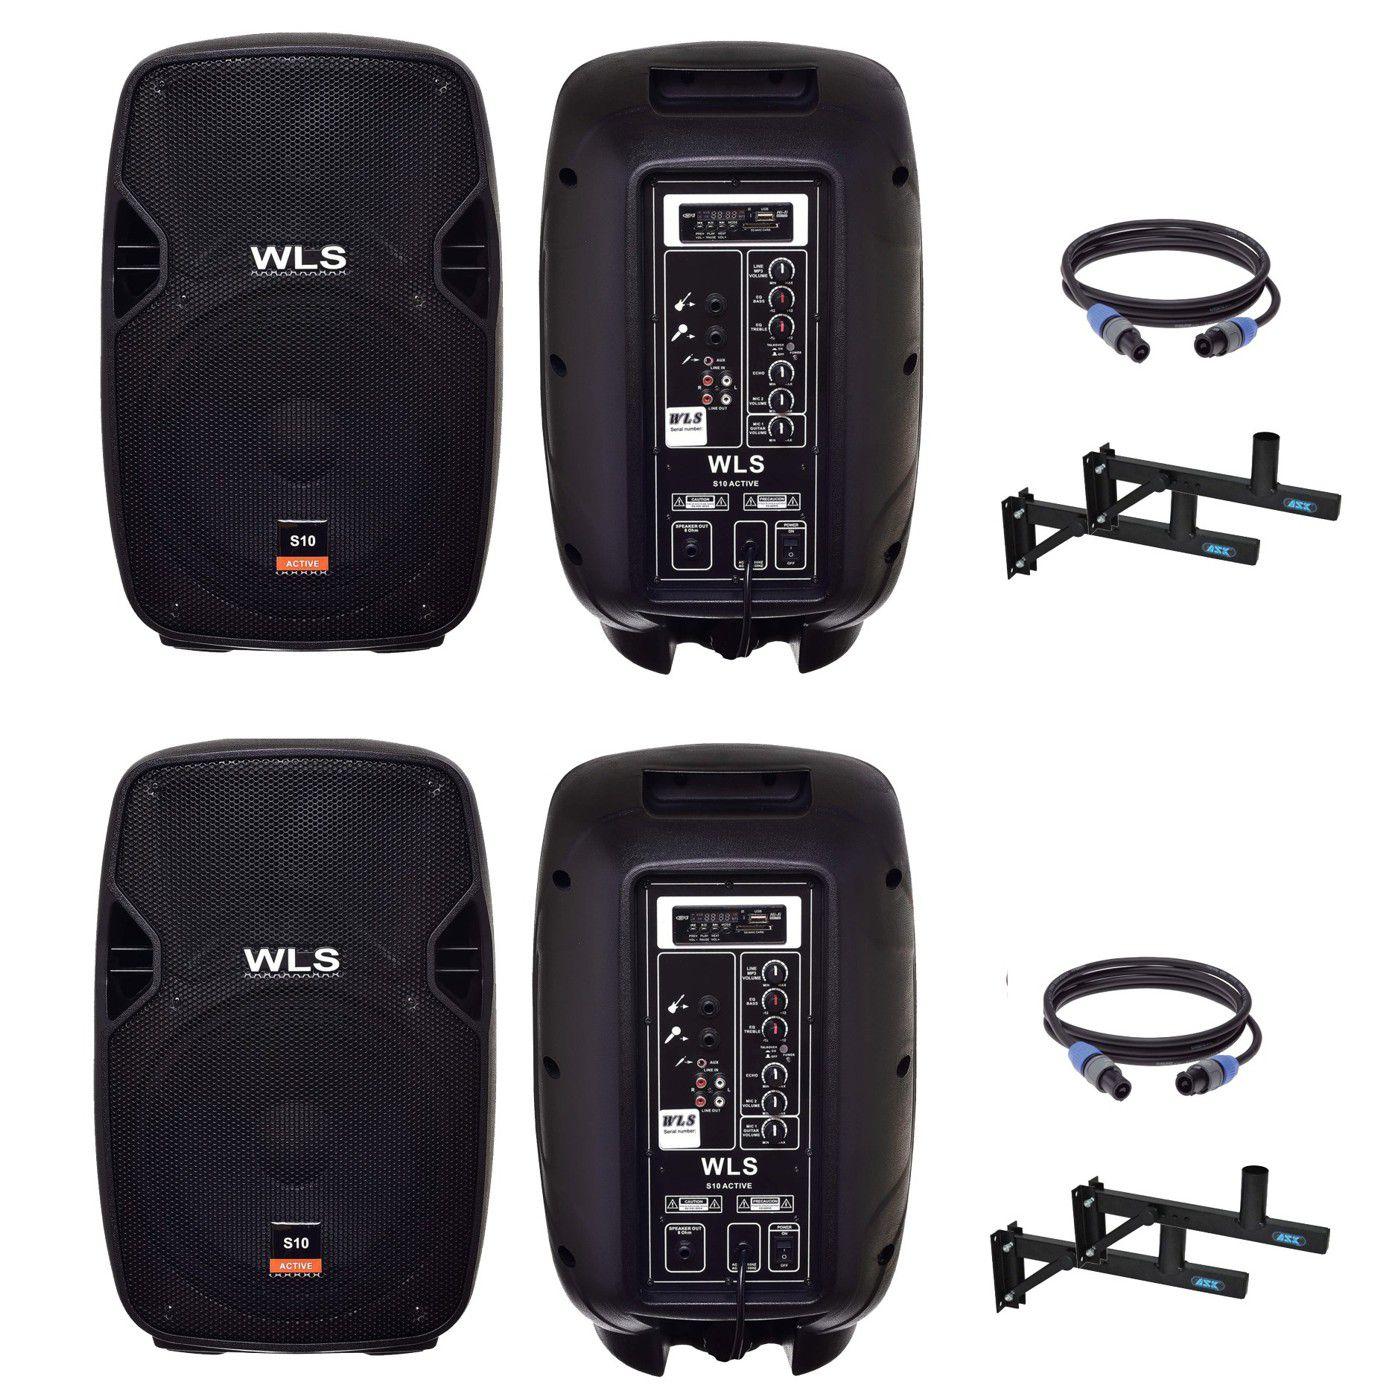 Kit 4 Caixa De Som Ativa Passiva Wls S10 Bluetooth 500w Rms + Suporte E Cabo